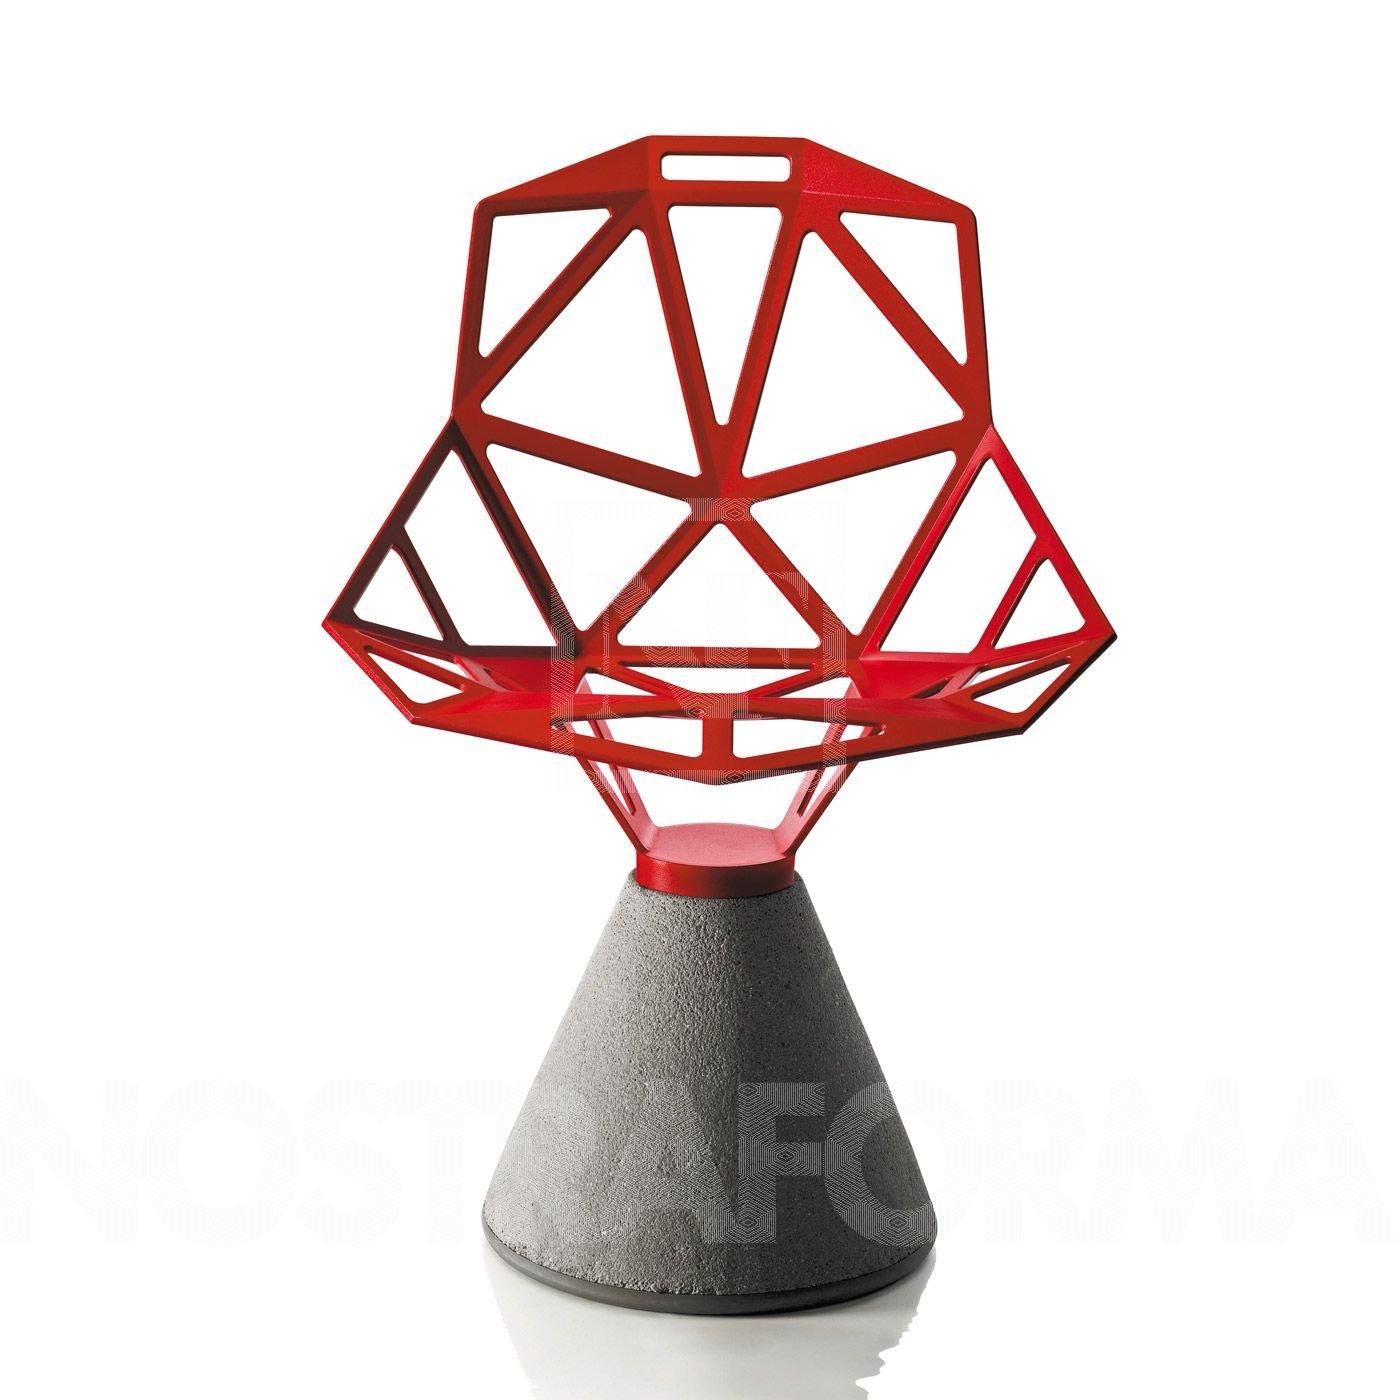 Magis Chair One Drehstuhl mit Zementfuß, anthrazitgrau lackiert Sitz: 5,2kg Fuß: 34kg für den Außenbereich geeignet